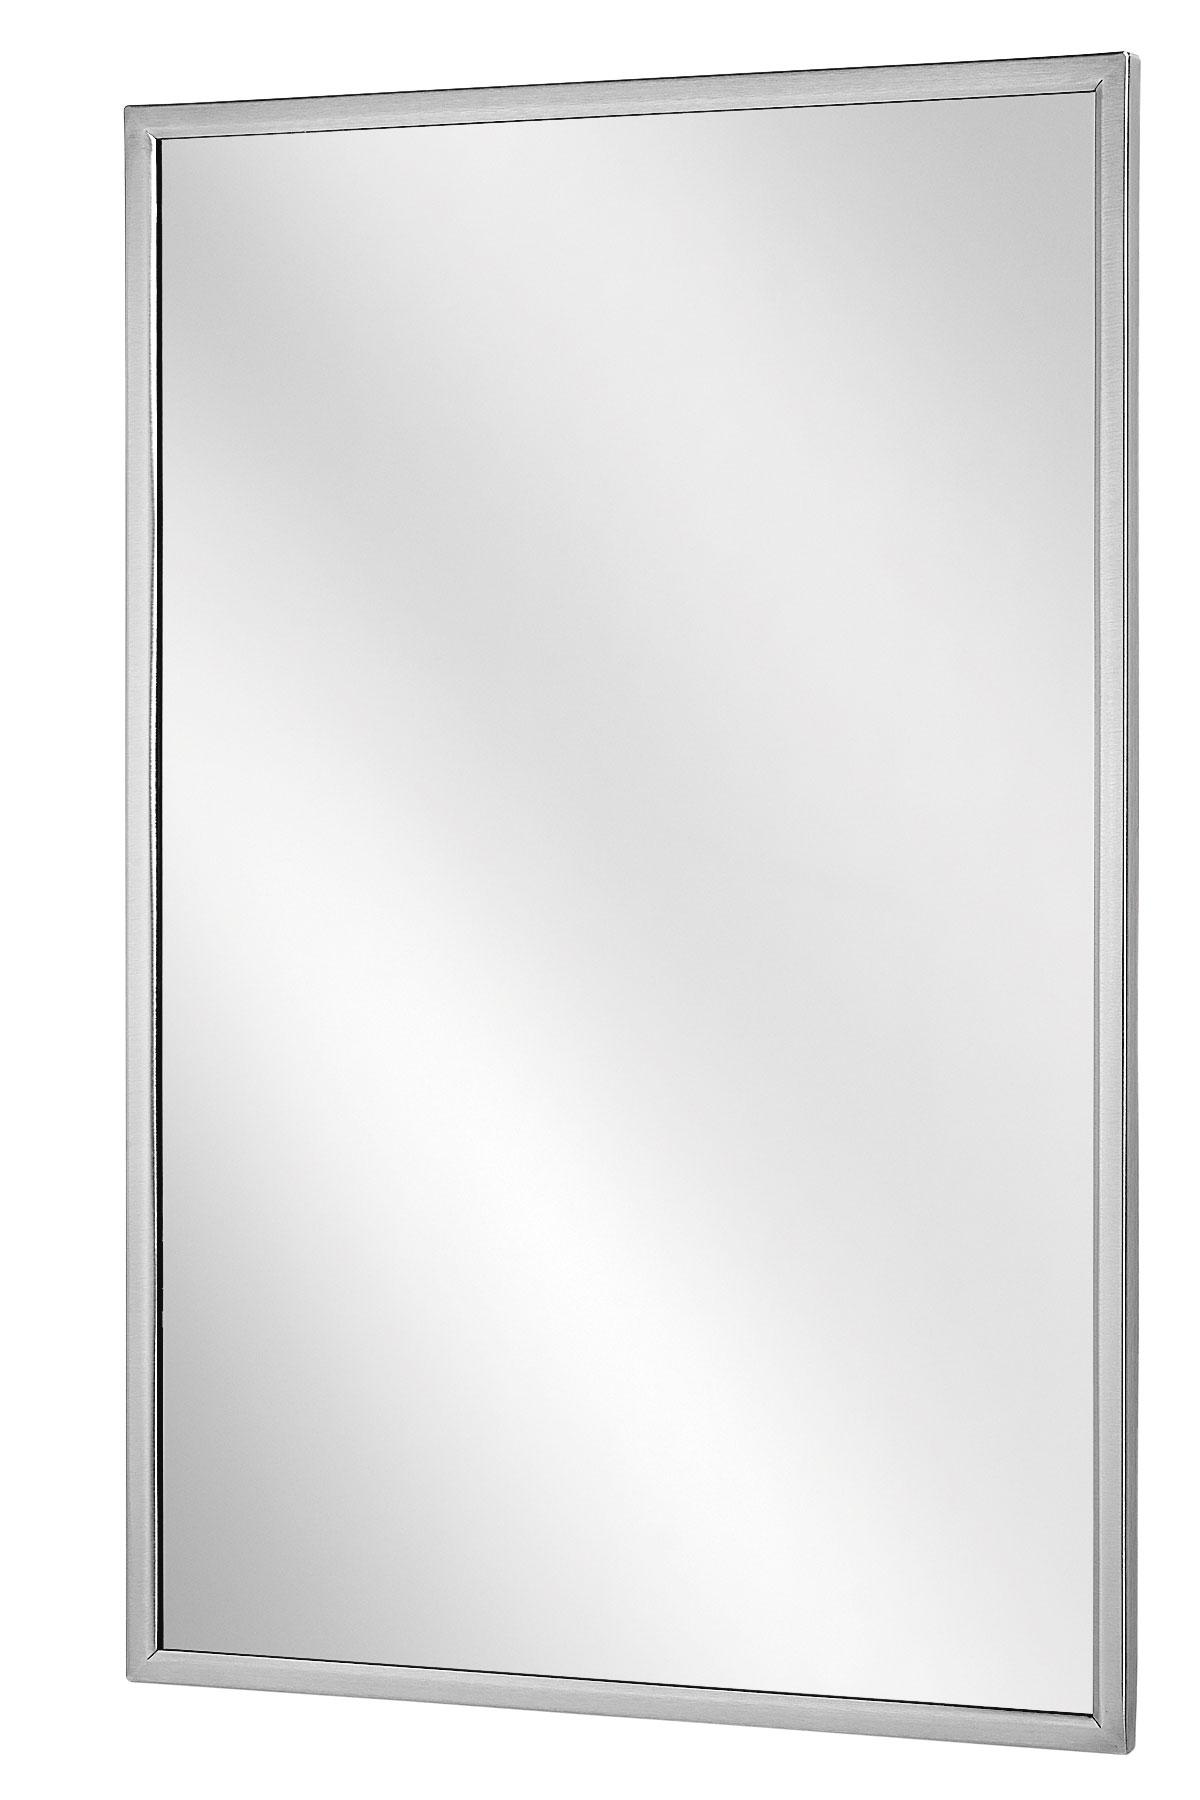 Free download clip art. Mirror clipart square mirror